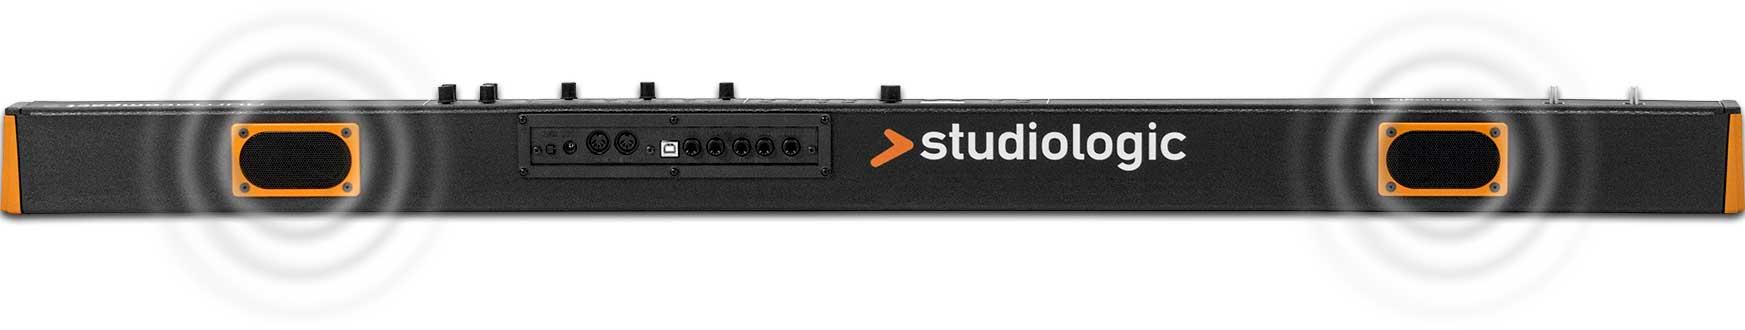 studiologic_numa_compact_rear